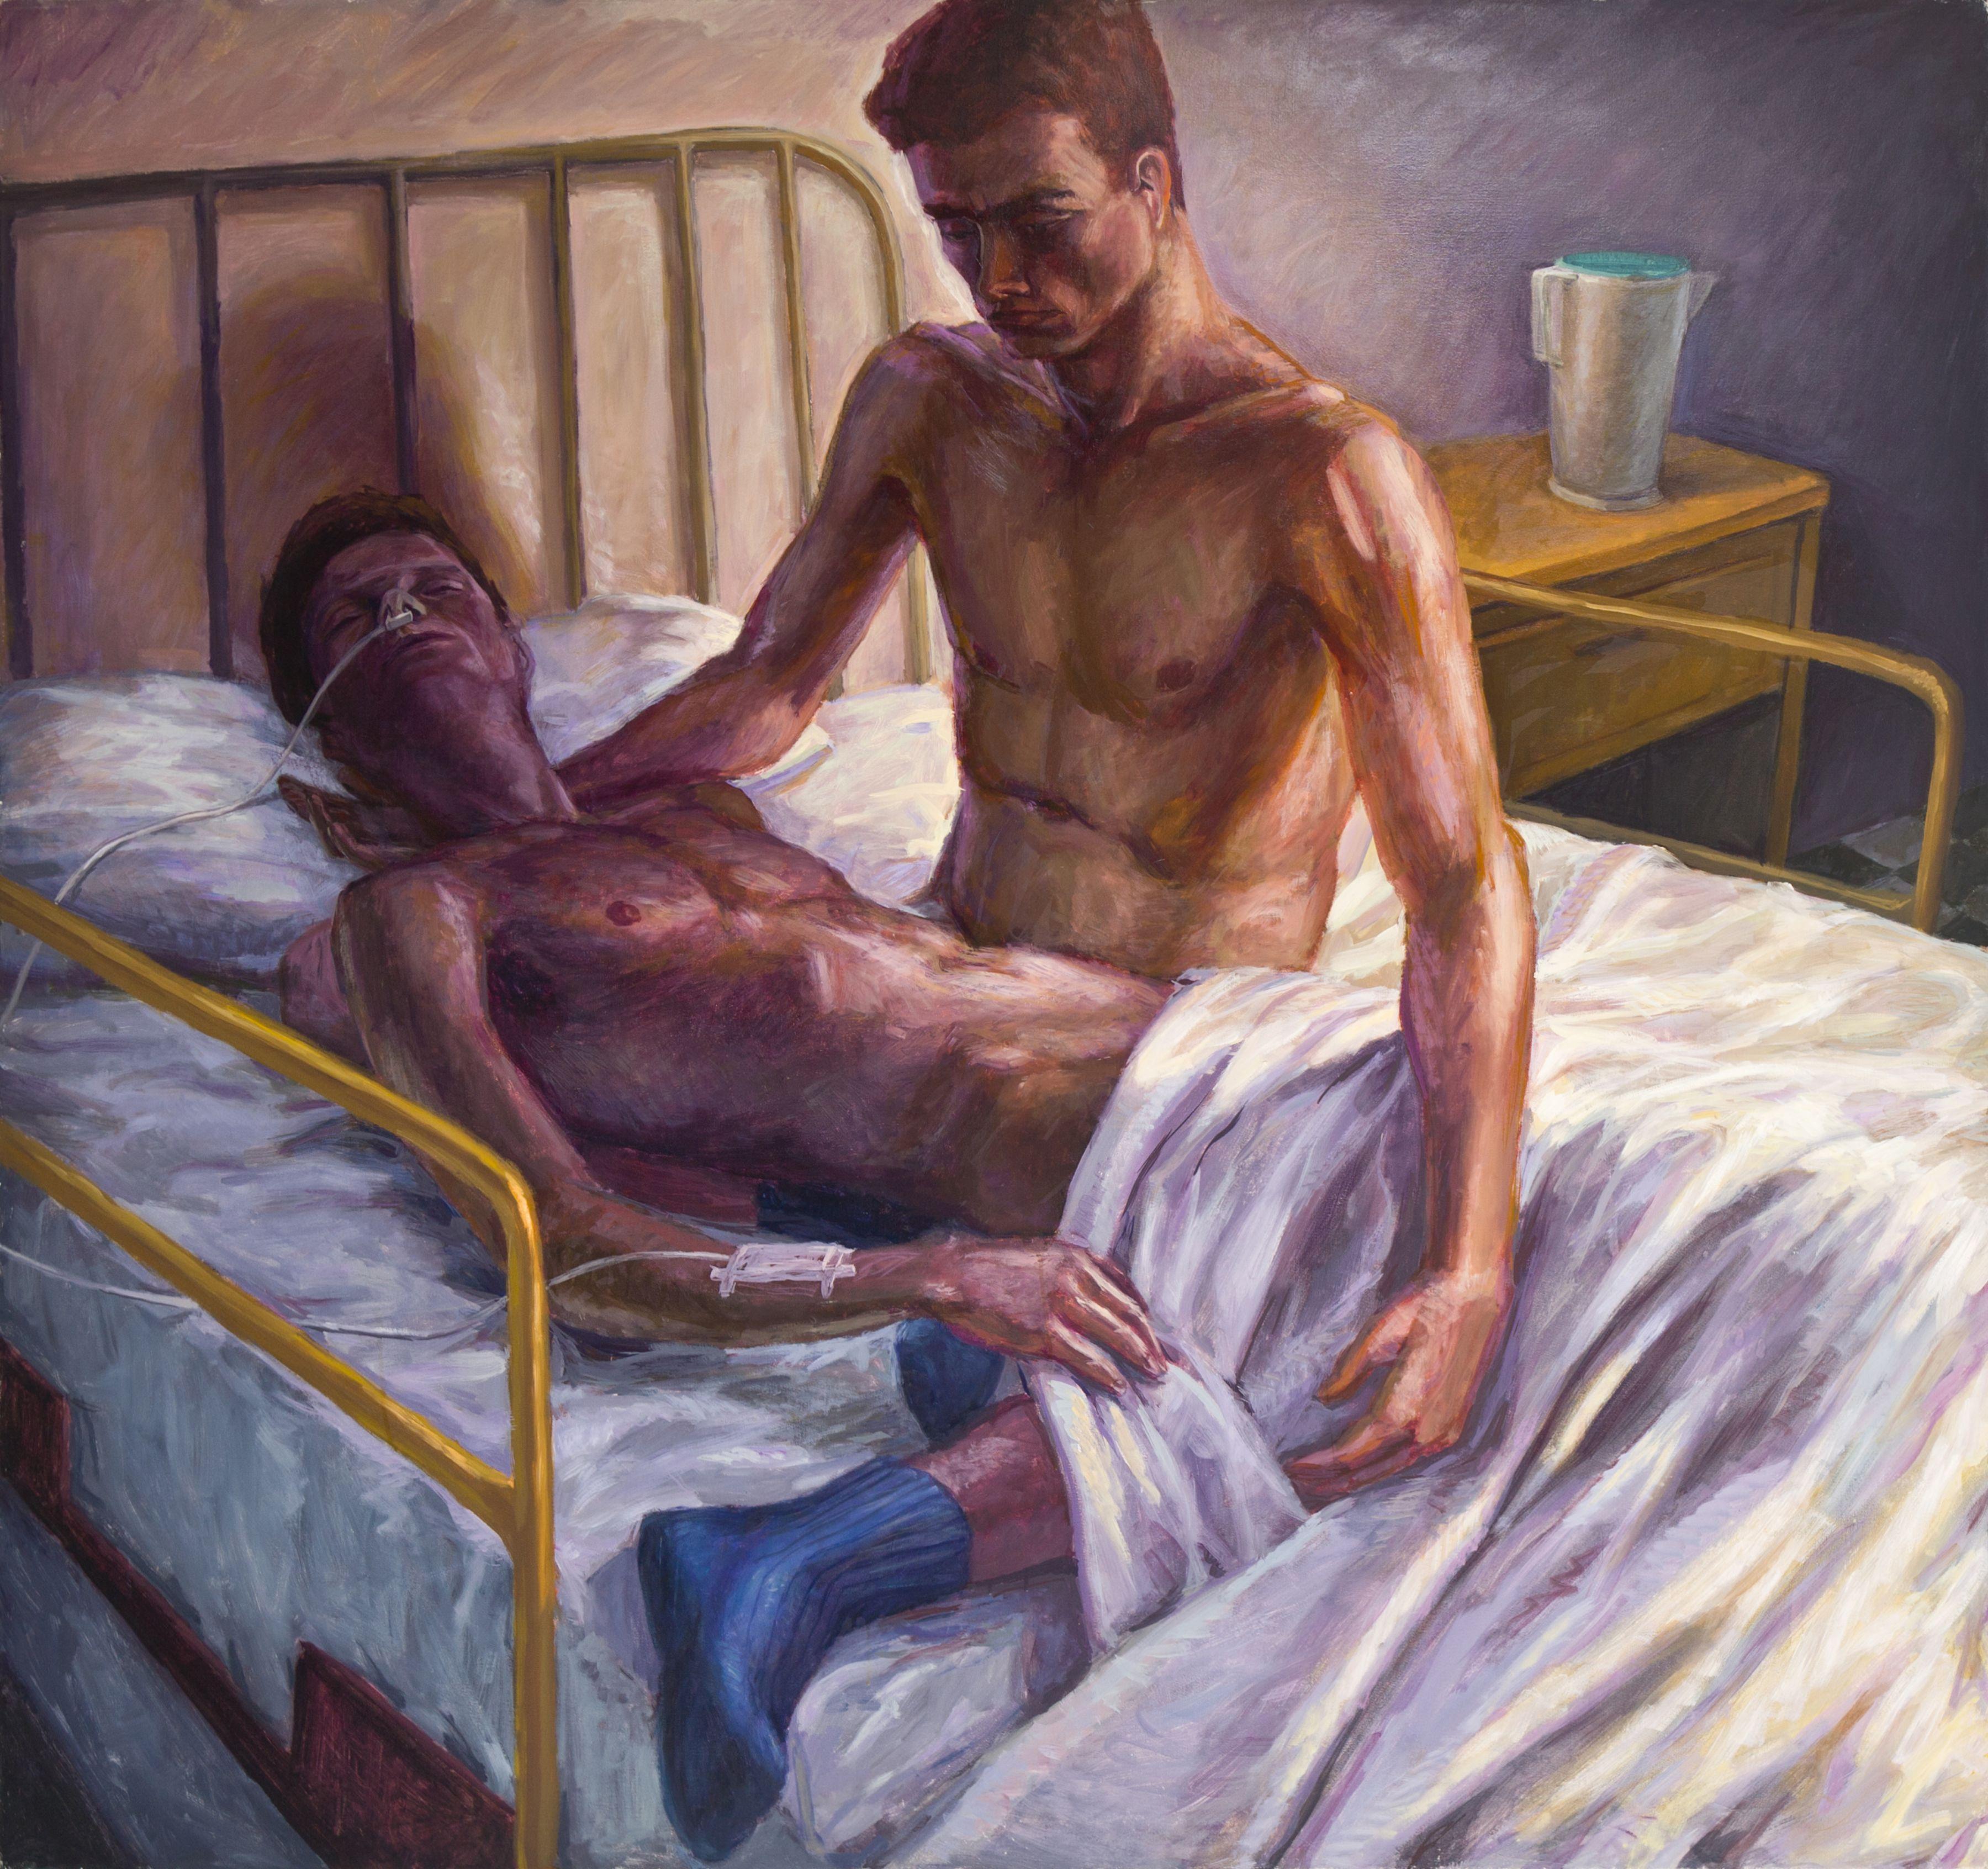 Hugh Steers, Hospital Bed, 1993